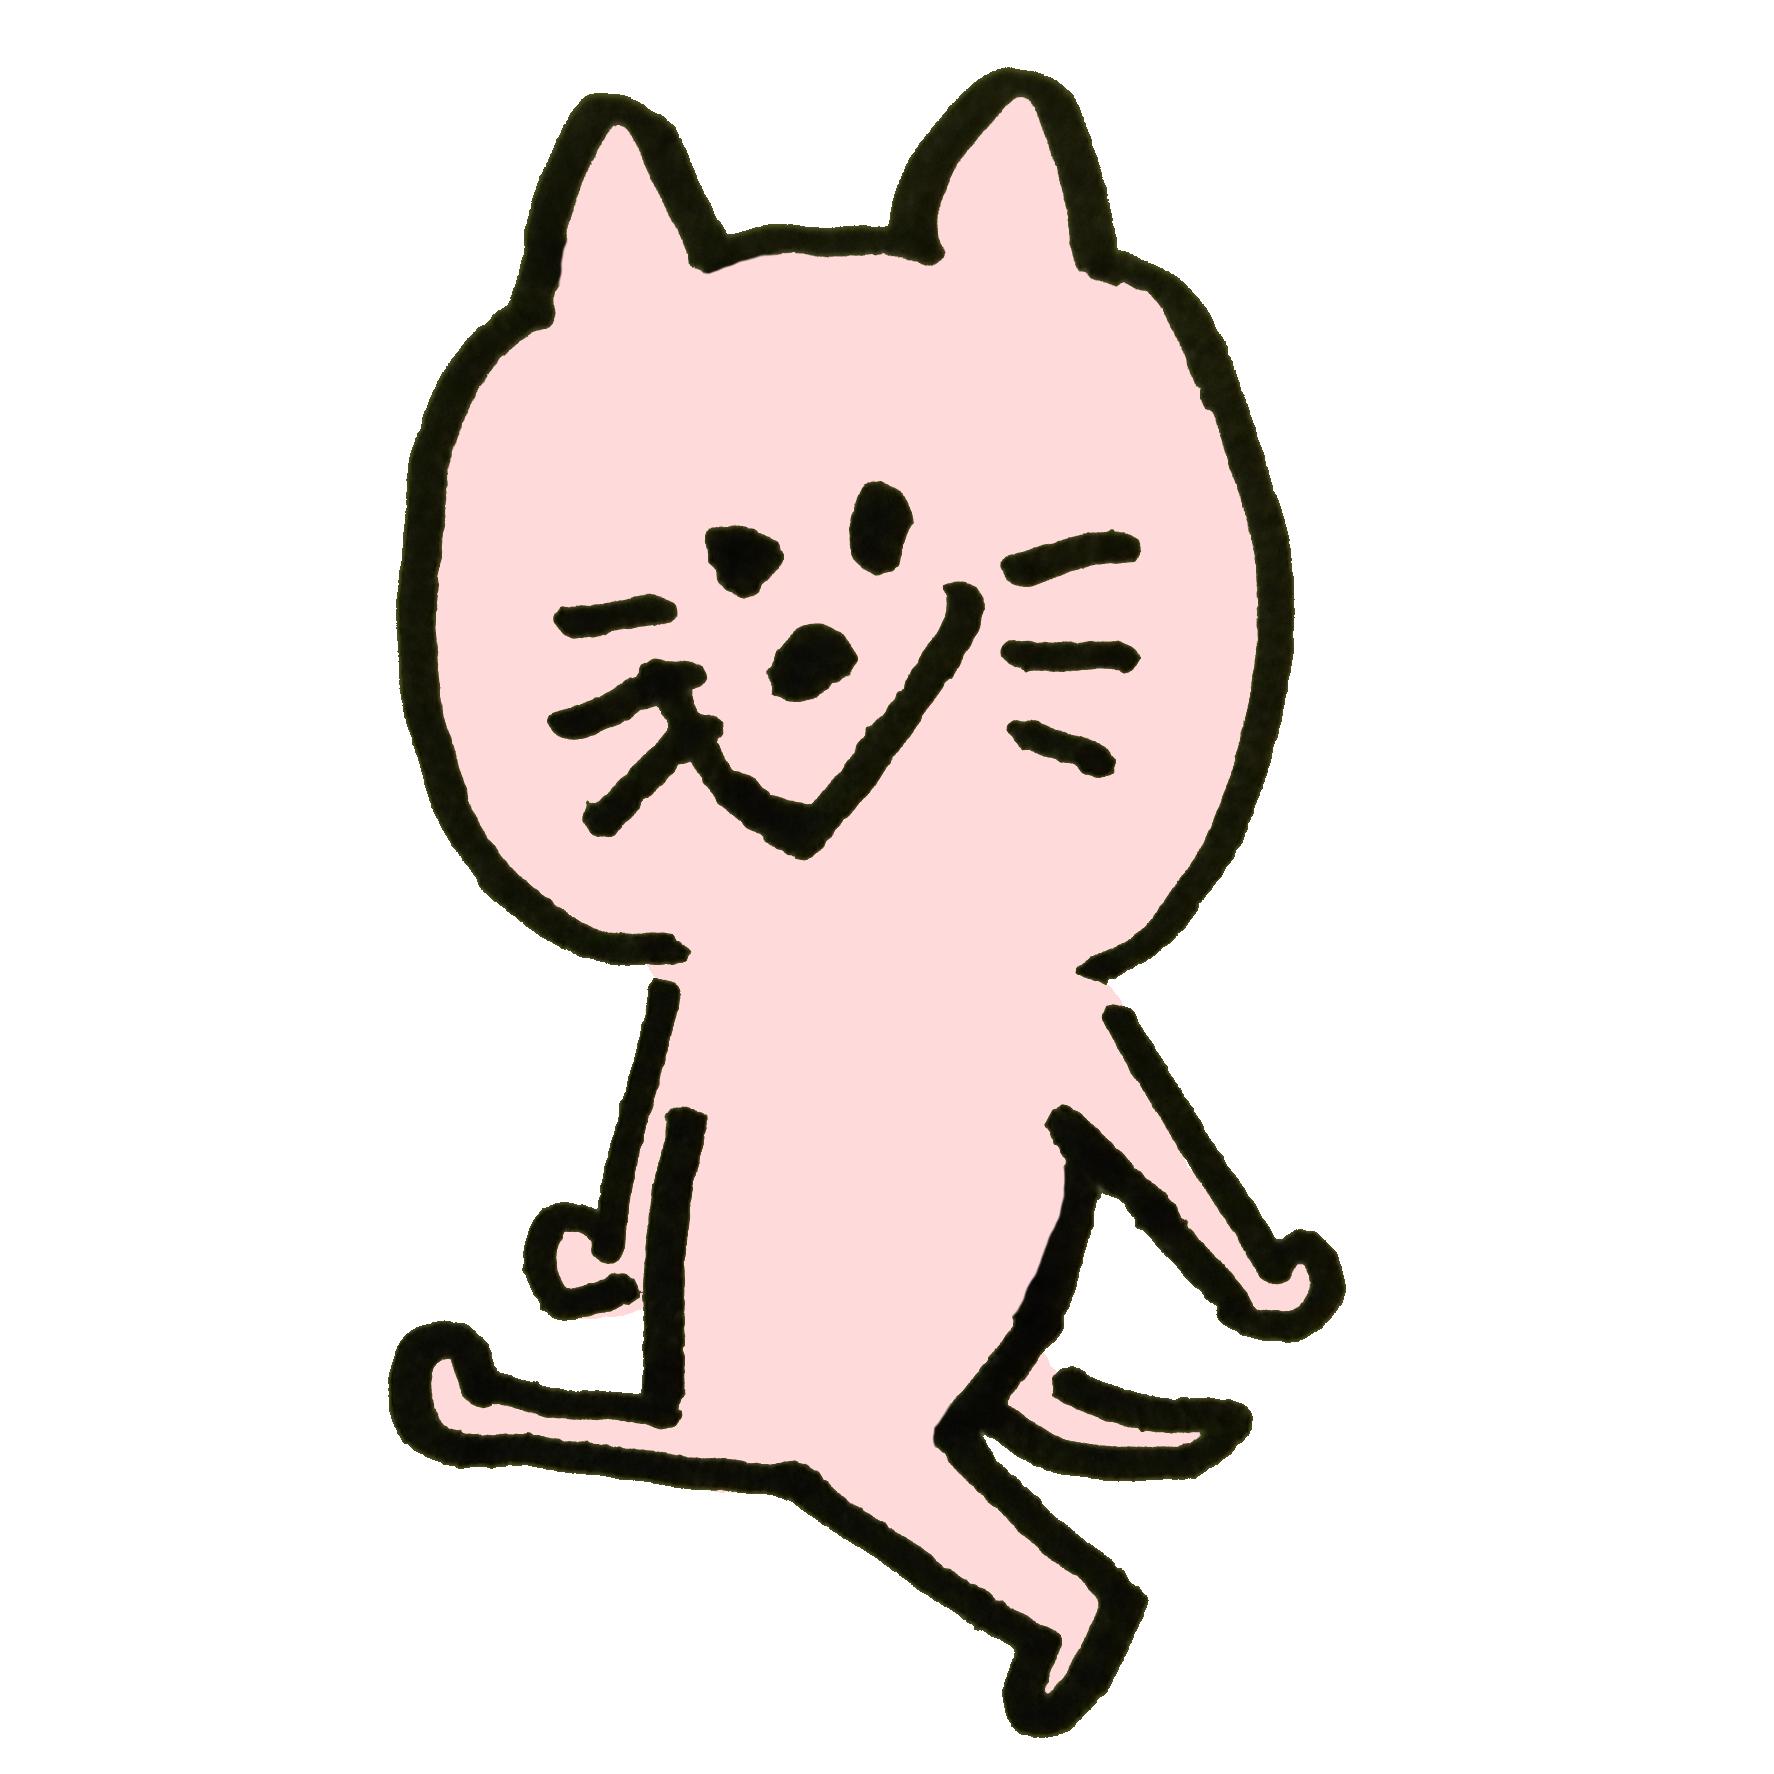 ニヤニヤ笑う猫のイラスト | ゆるくてかわいい無料イラスト素材屋